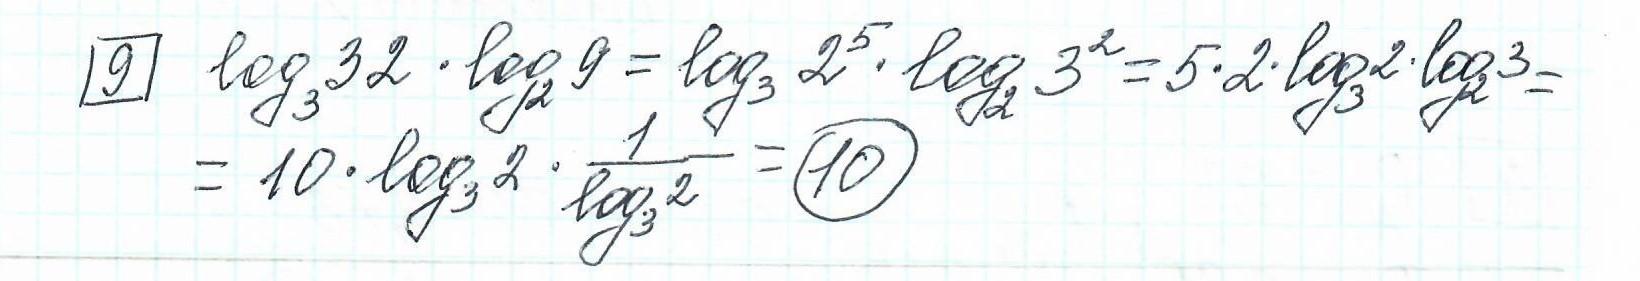 Задние 9, Вариант 5, решение и ответ - Ященко ЕГЭ 2019 математика профиль 36 вариантов